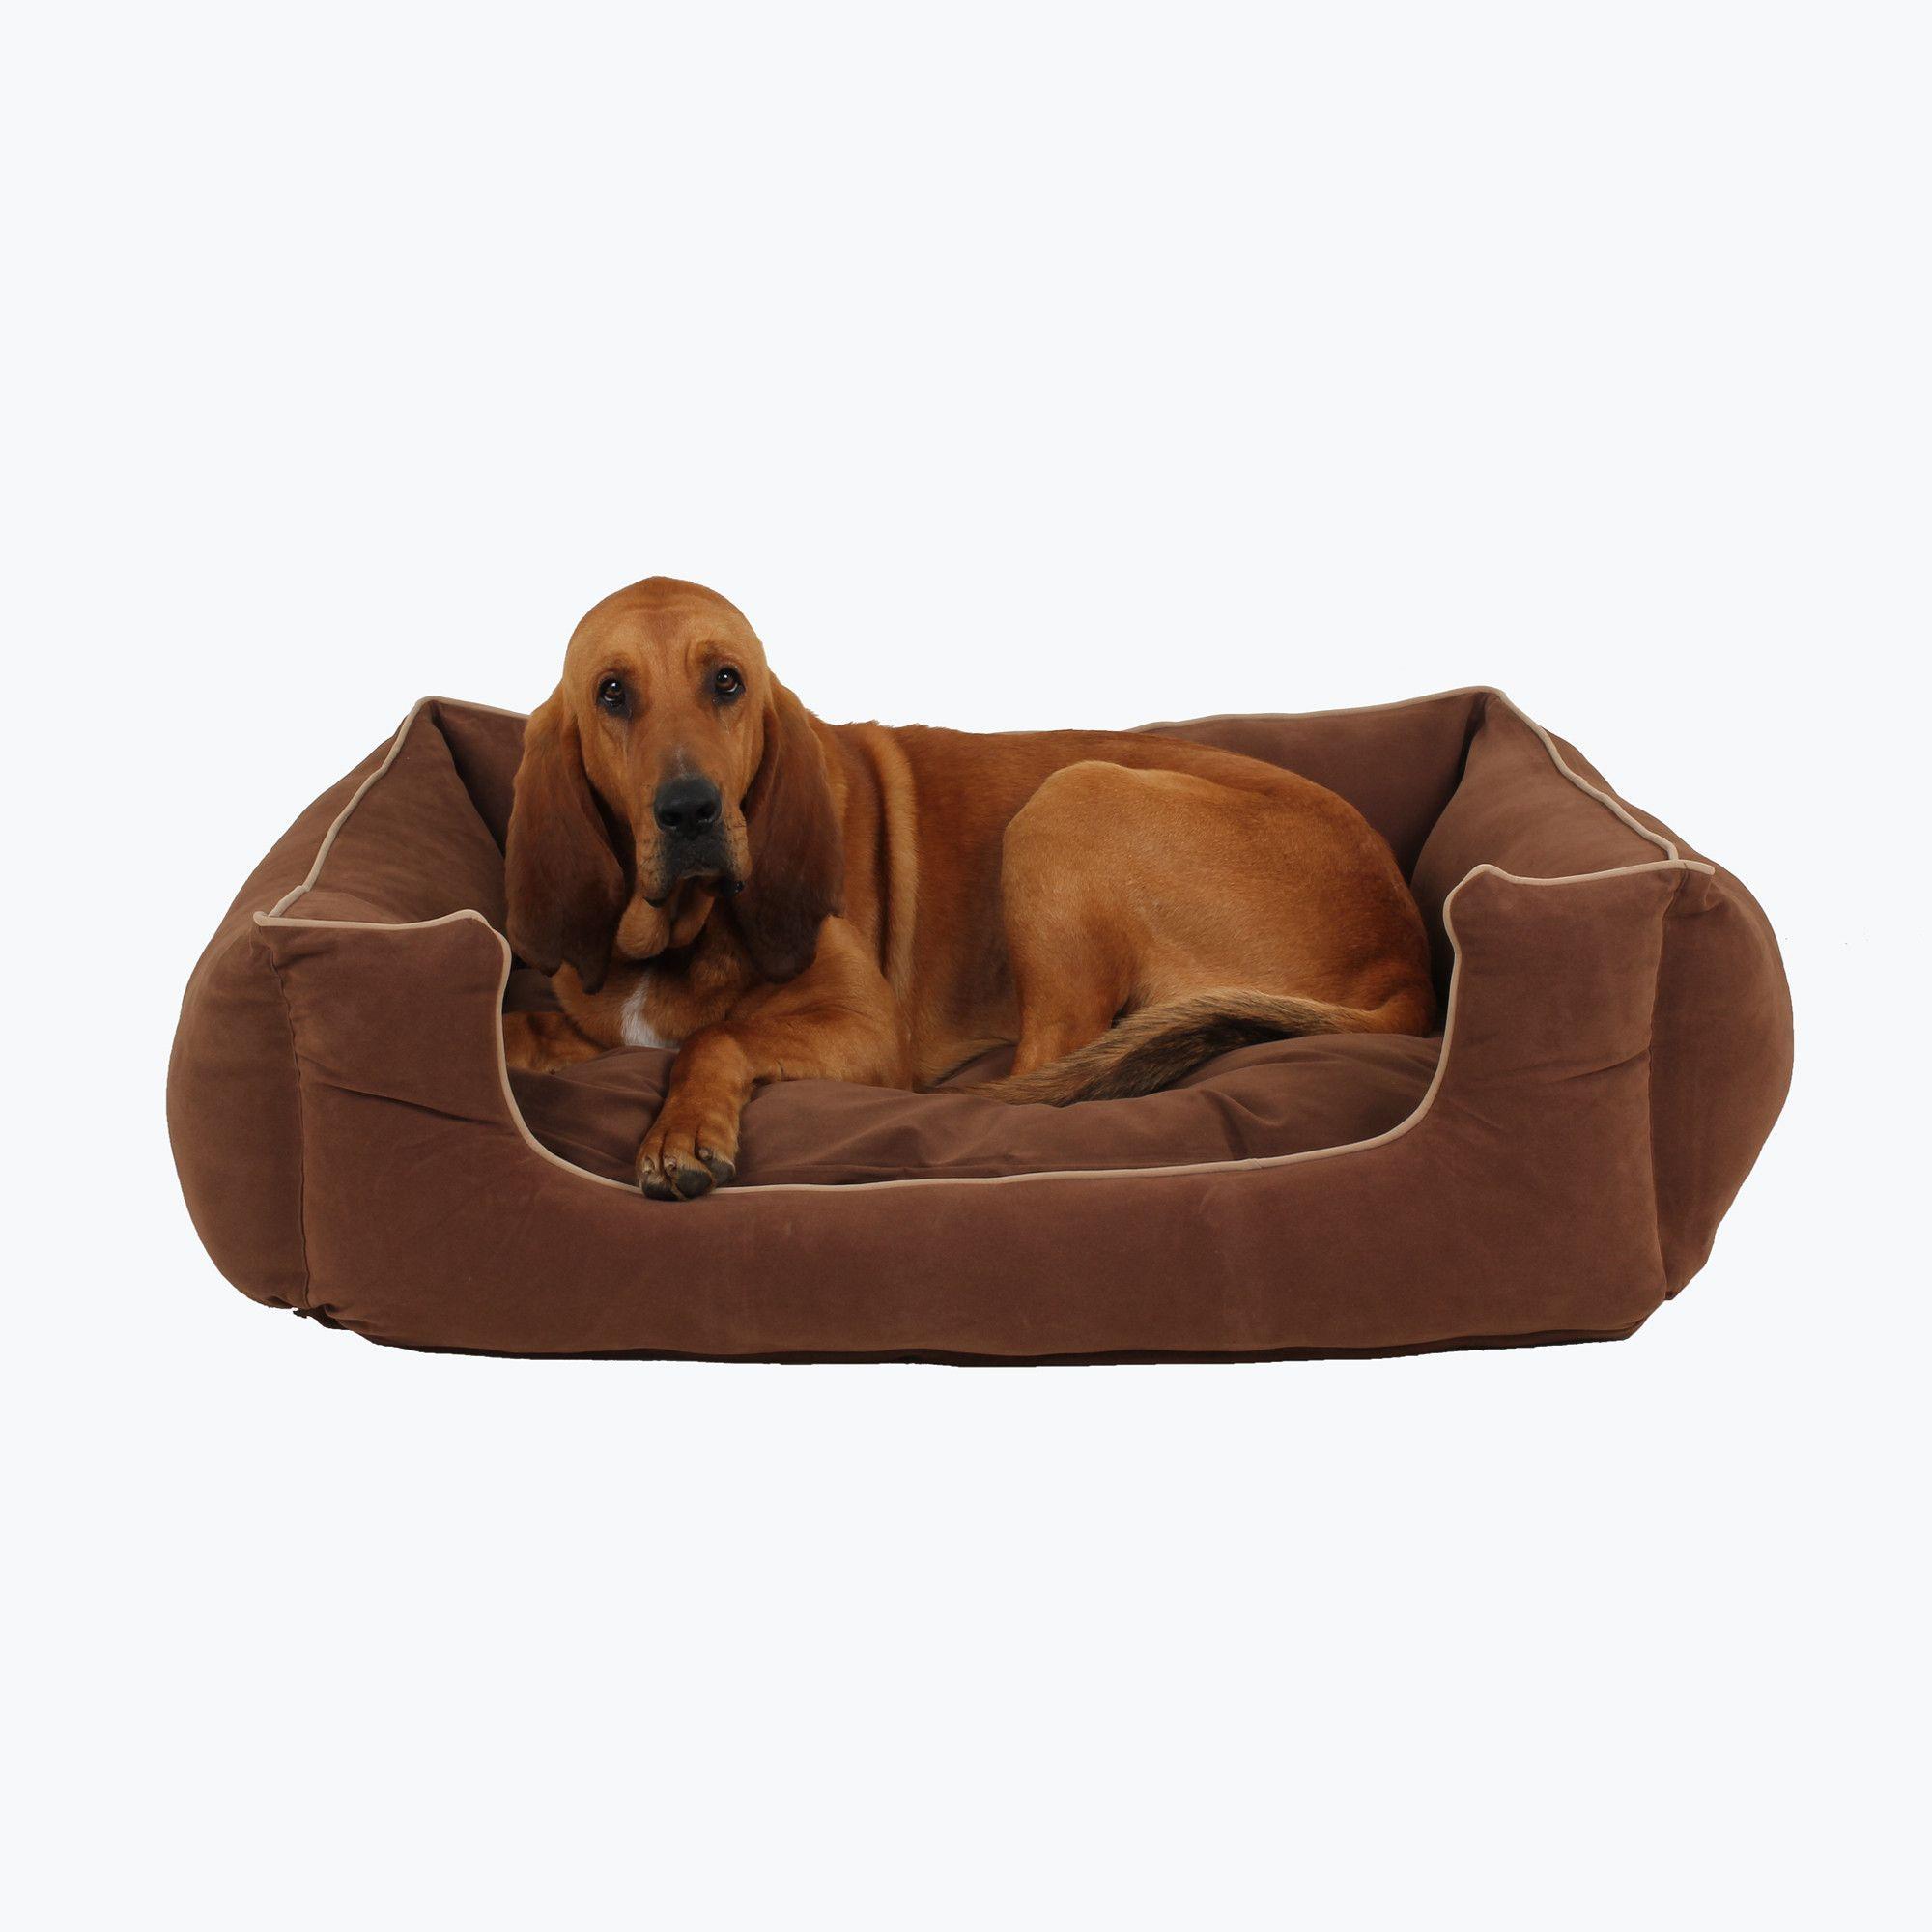 Kuddle Lounge Dog Bed